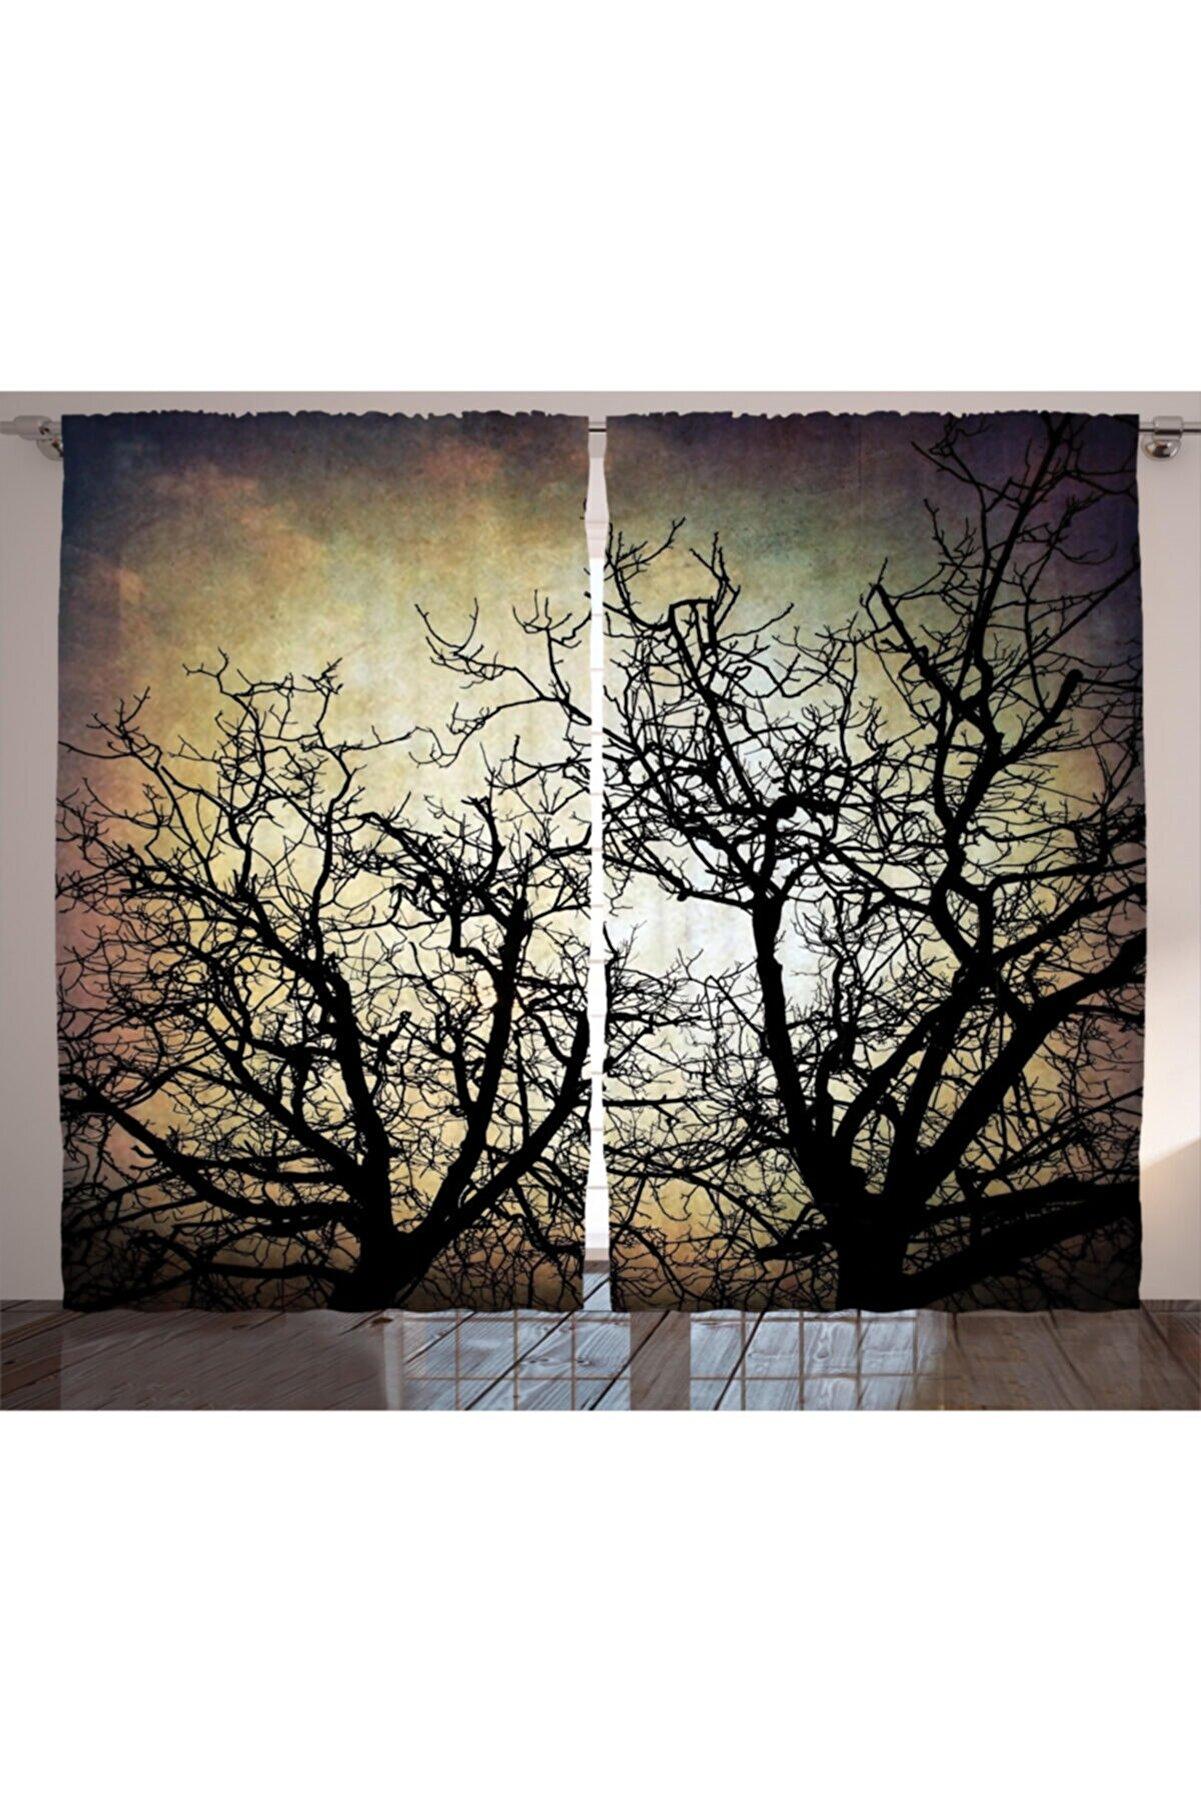 Orange Venue Ağaçlar Perde Yansıyan Ağaç Silüeti